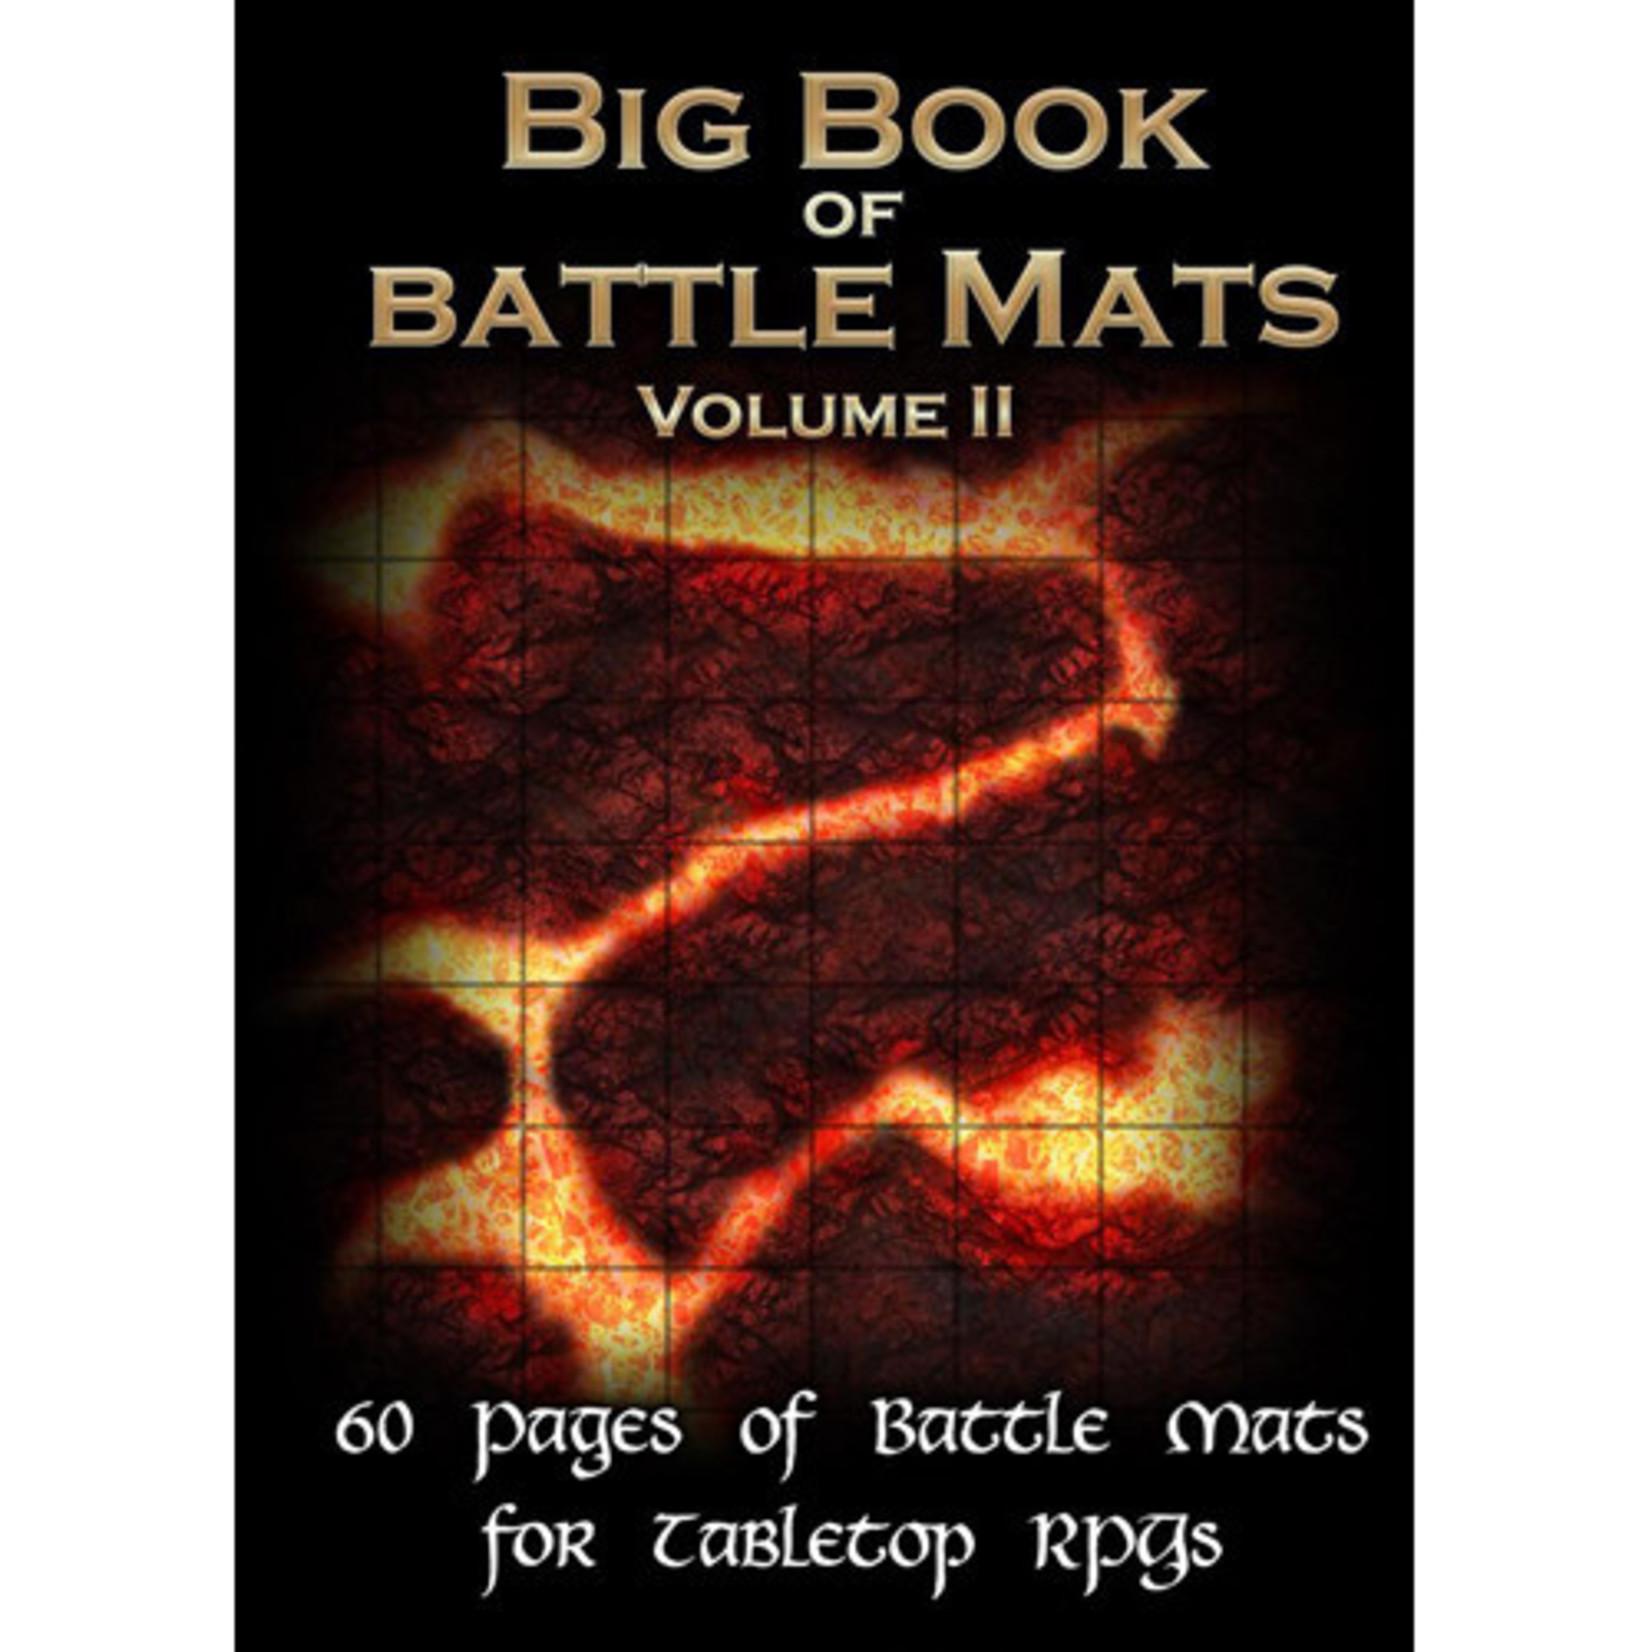 Chessex Big Book of Battle Mats Vol. 2